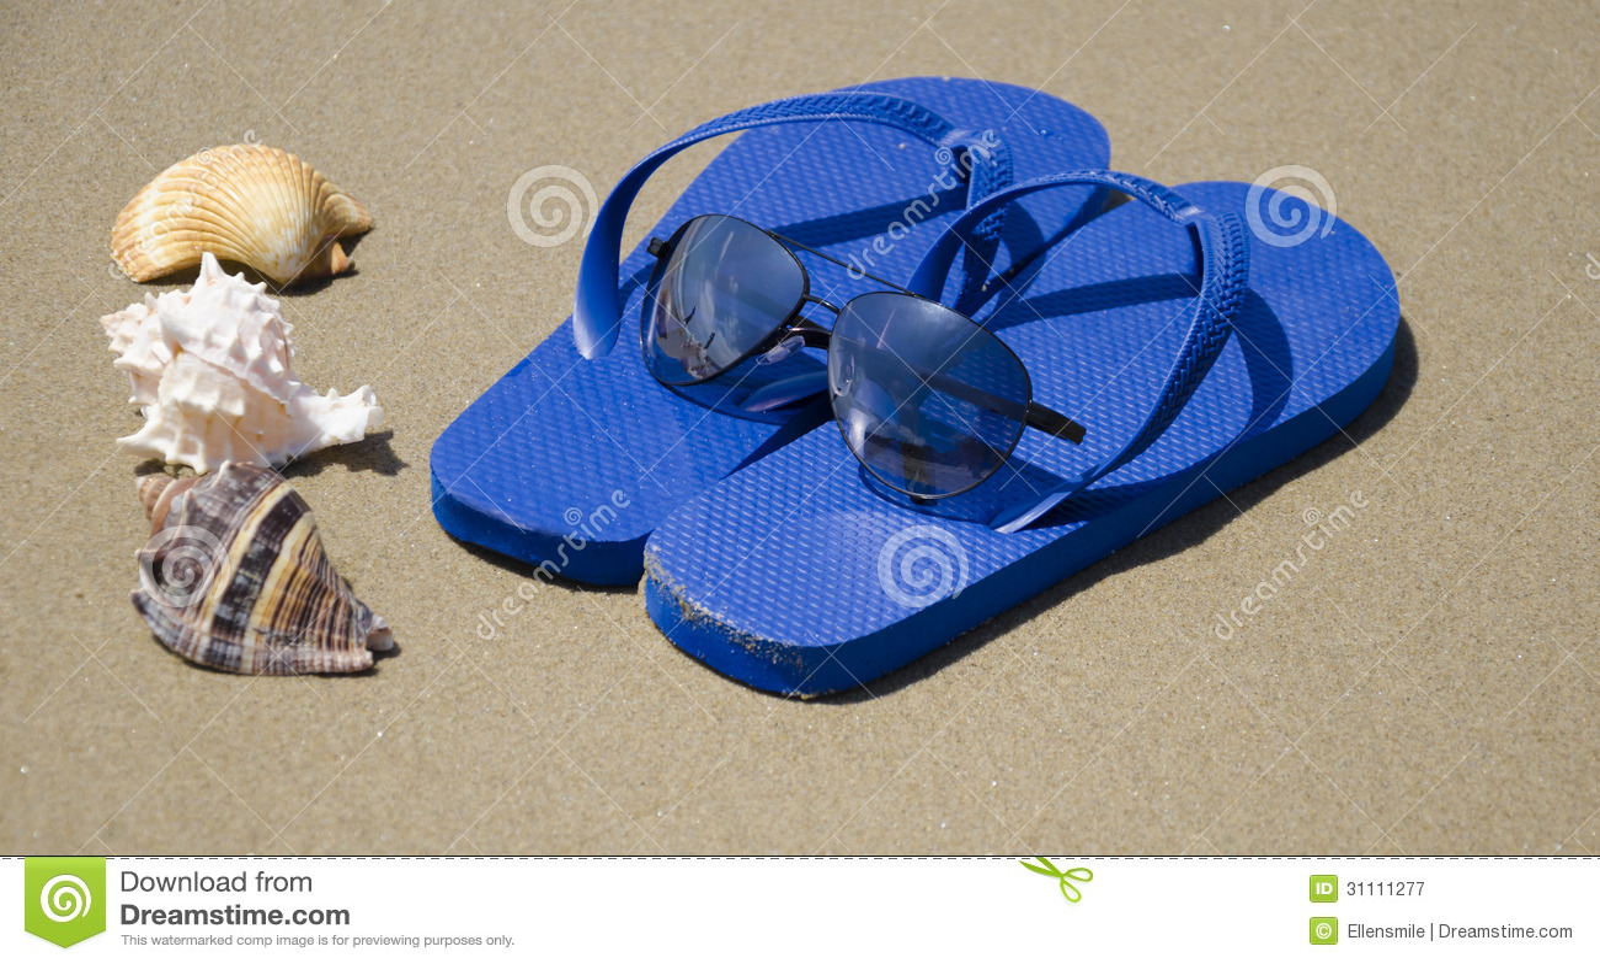 Flip flops on a sand